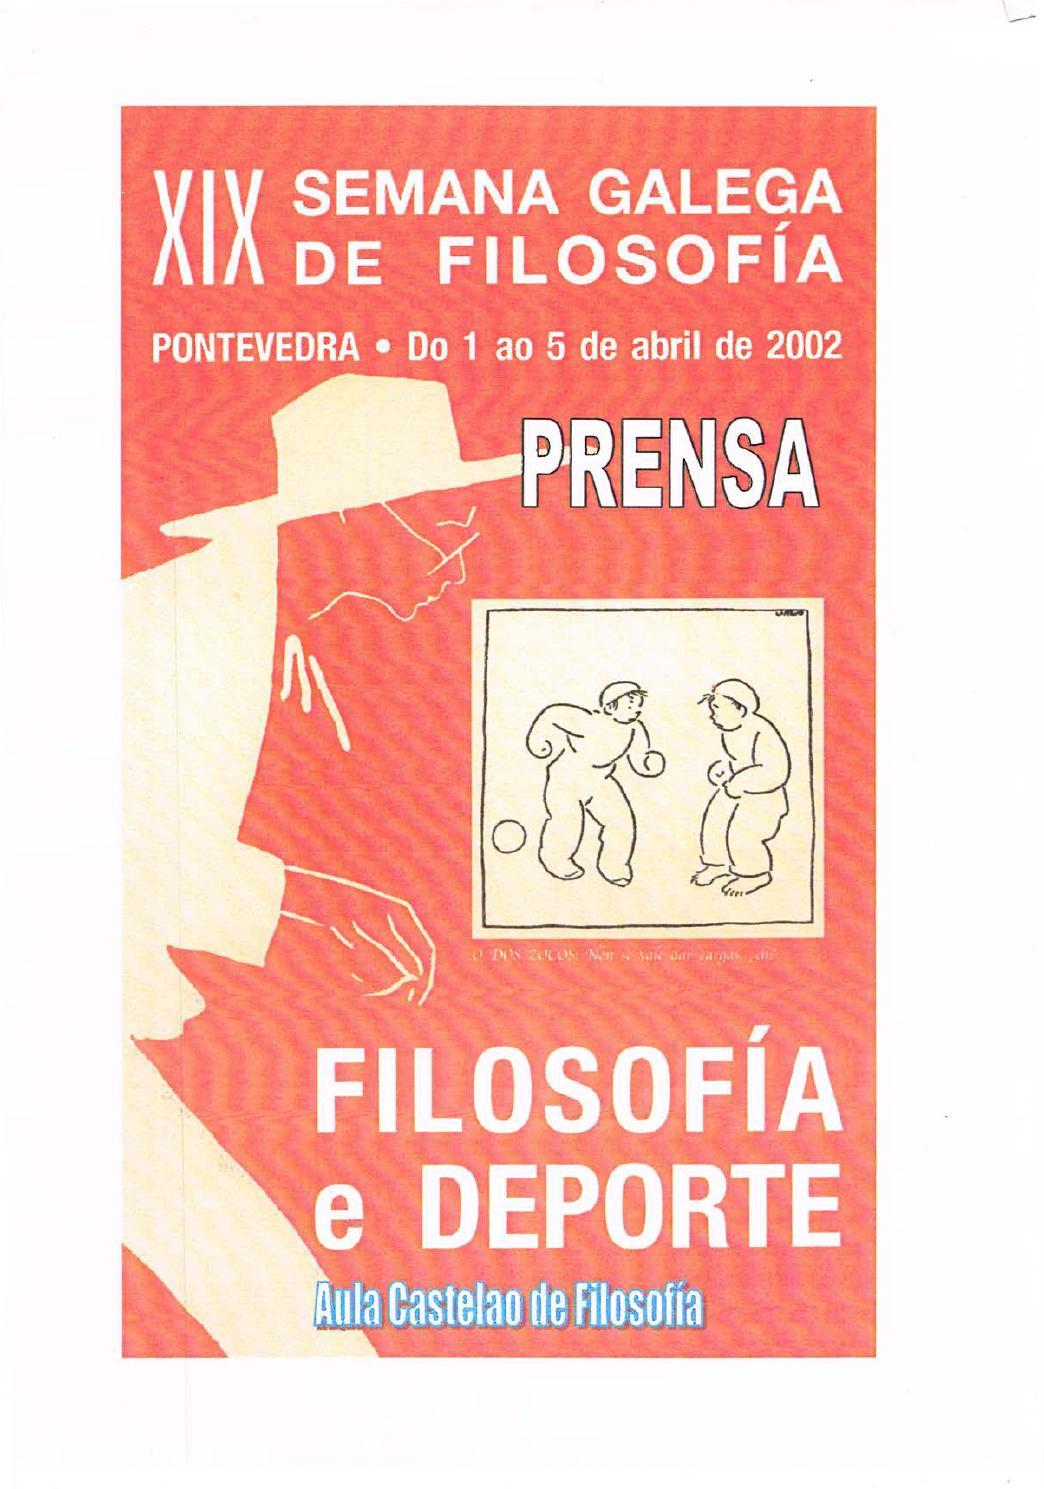 Xxi Semana Galega De Filosofia Dossier De Prensa By Aula Castelao  # Muebles El Zar Toedo